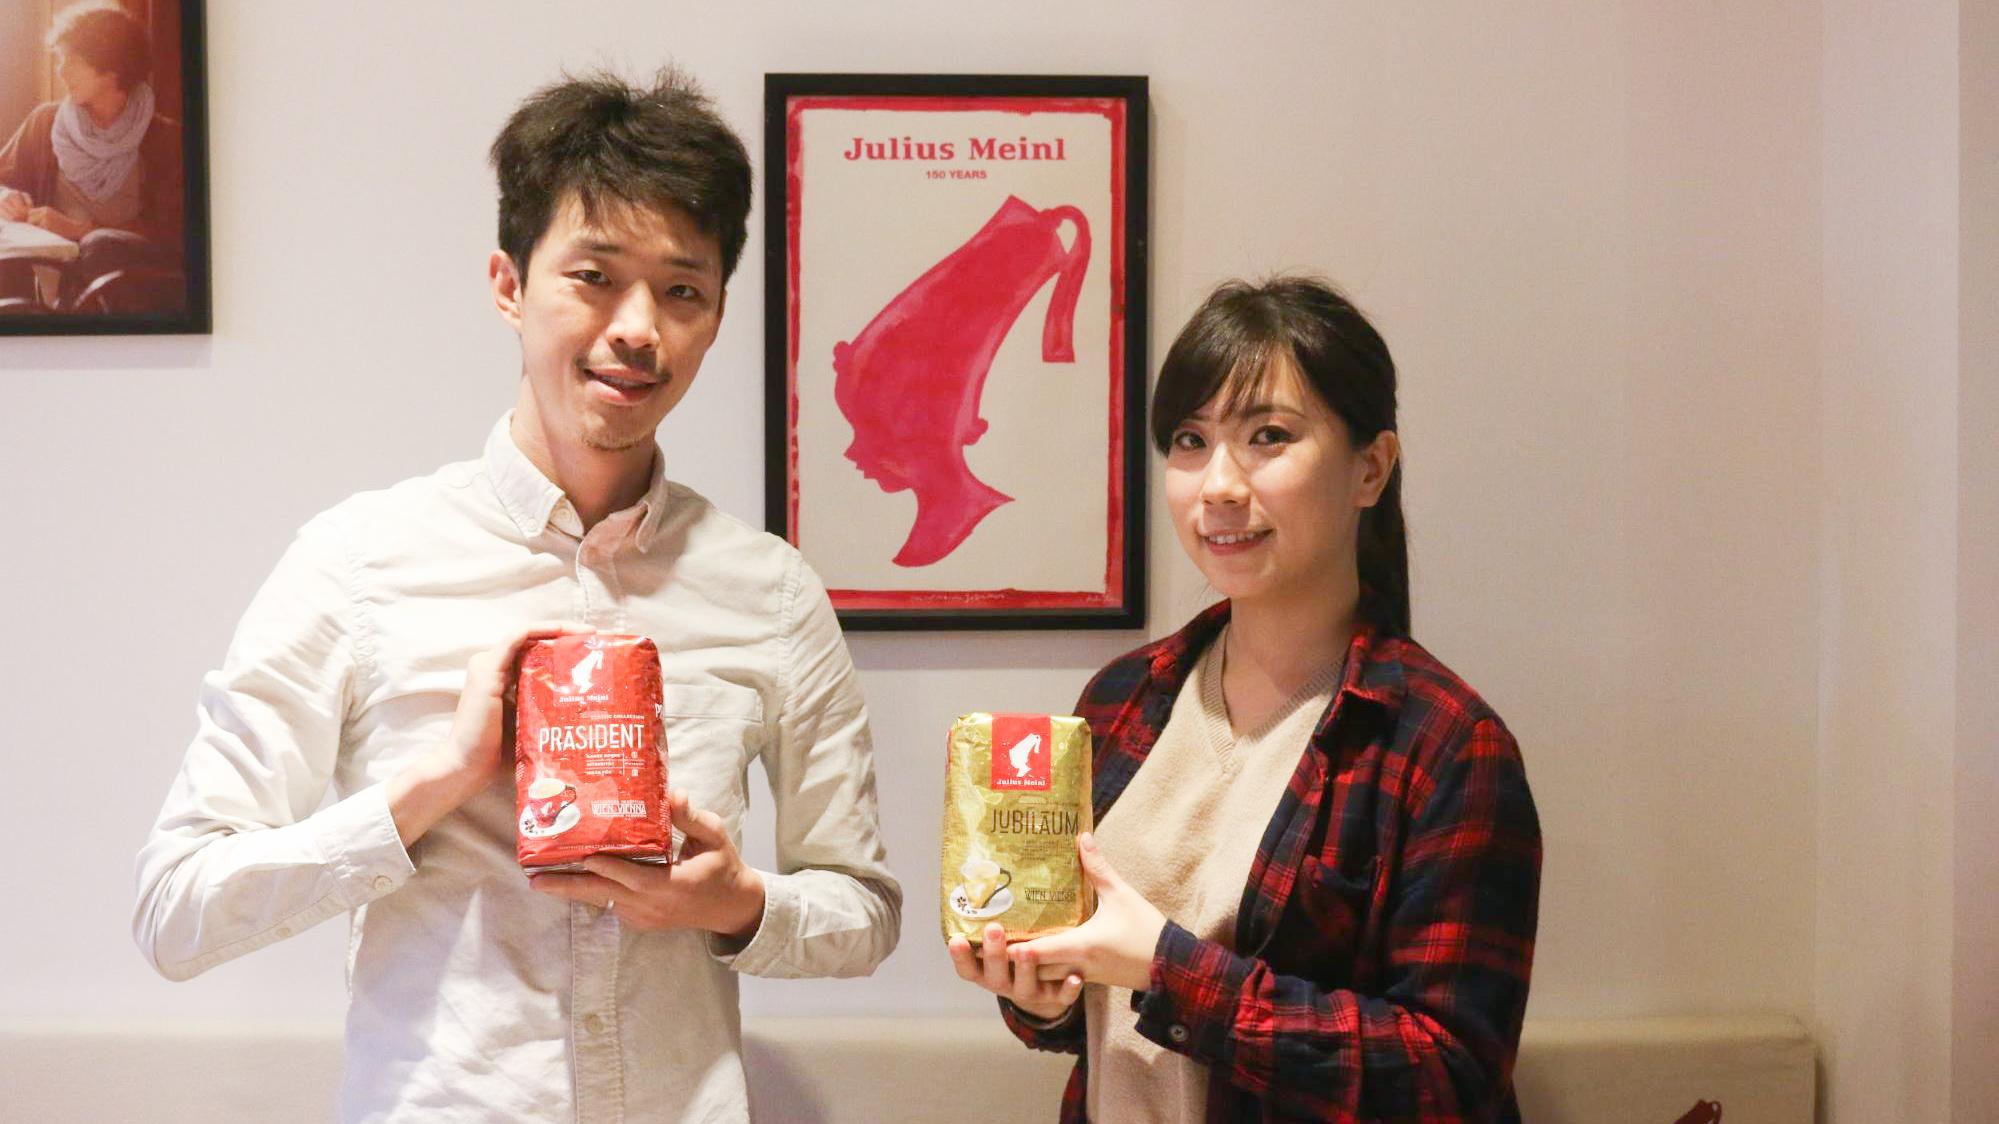 小紅帽咖啡:從小店到零售電商,線上銷售比實體高3倍的秘密在哪裡?